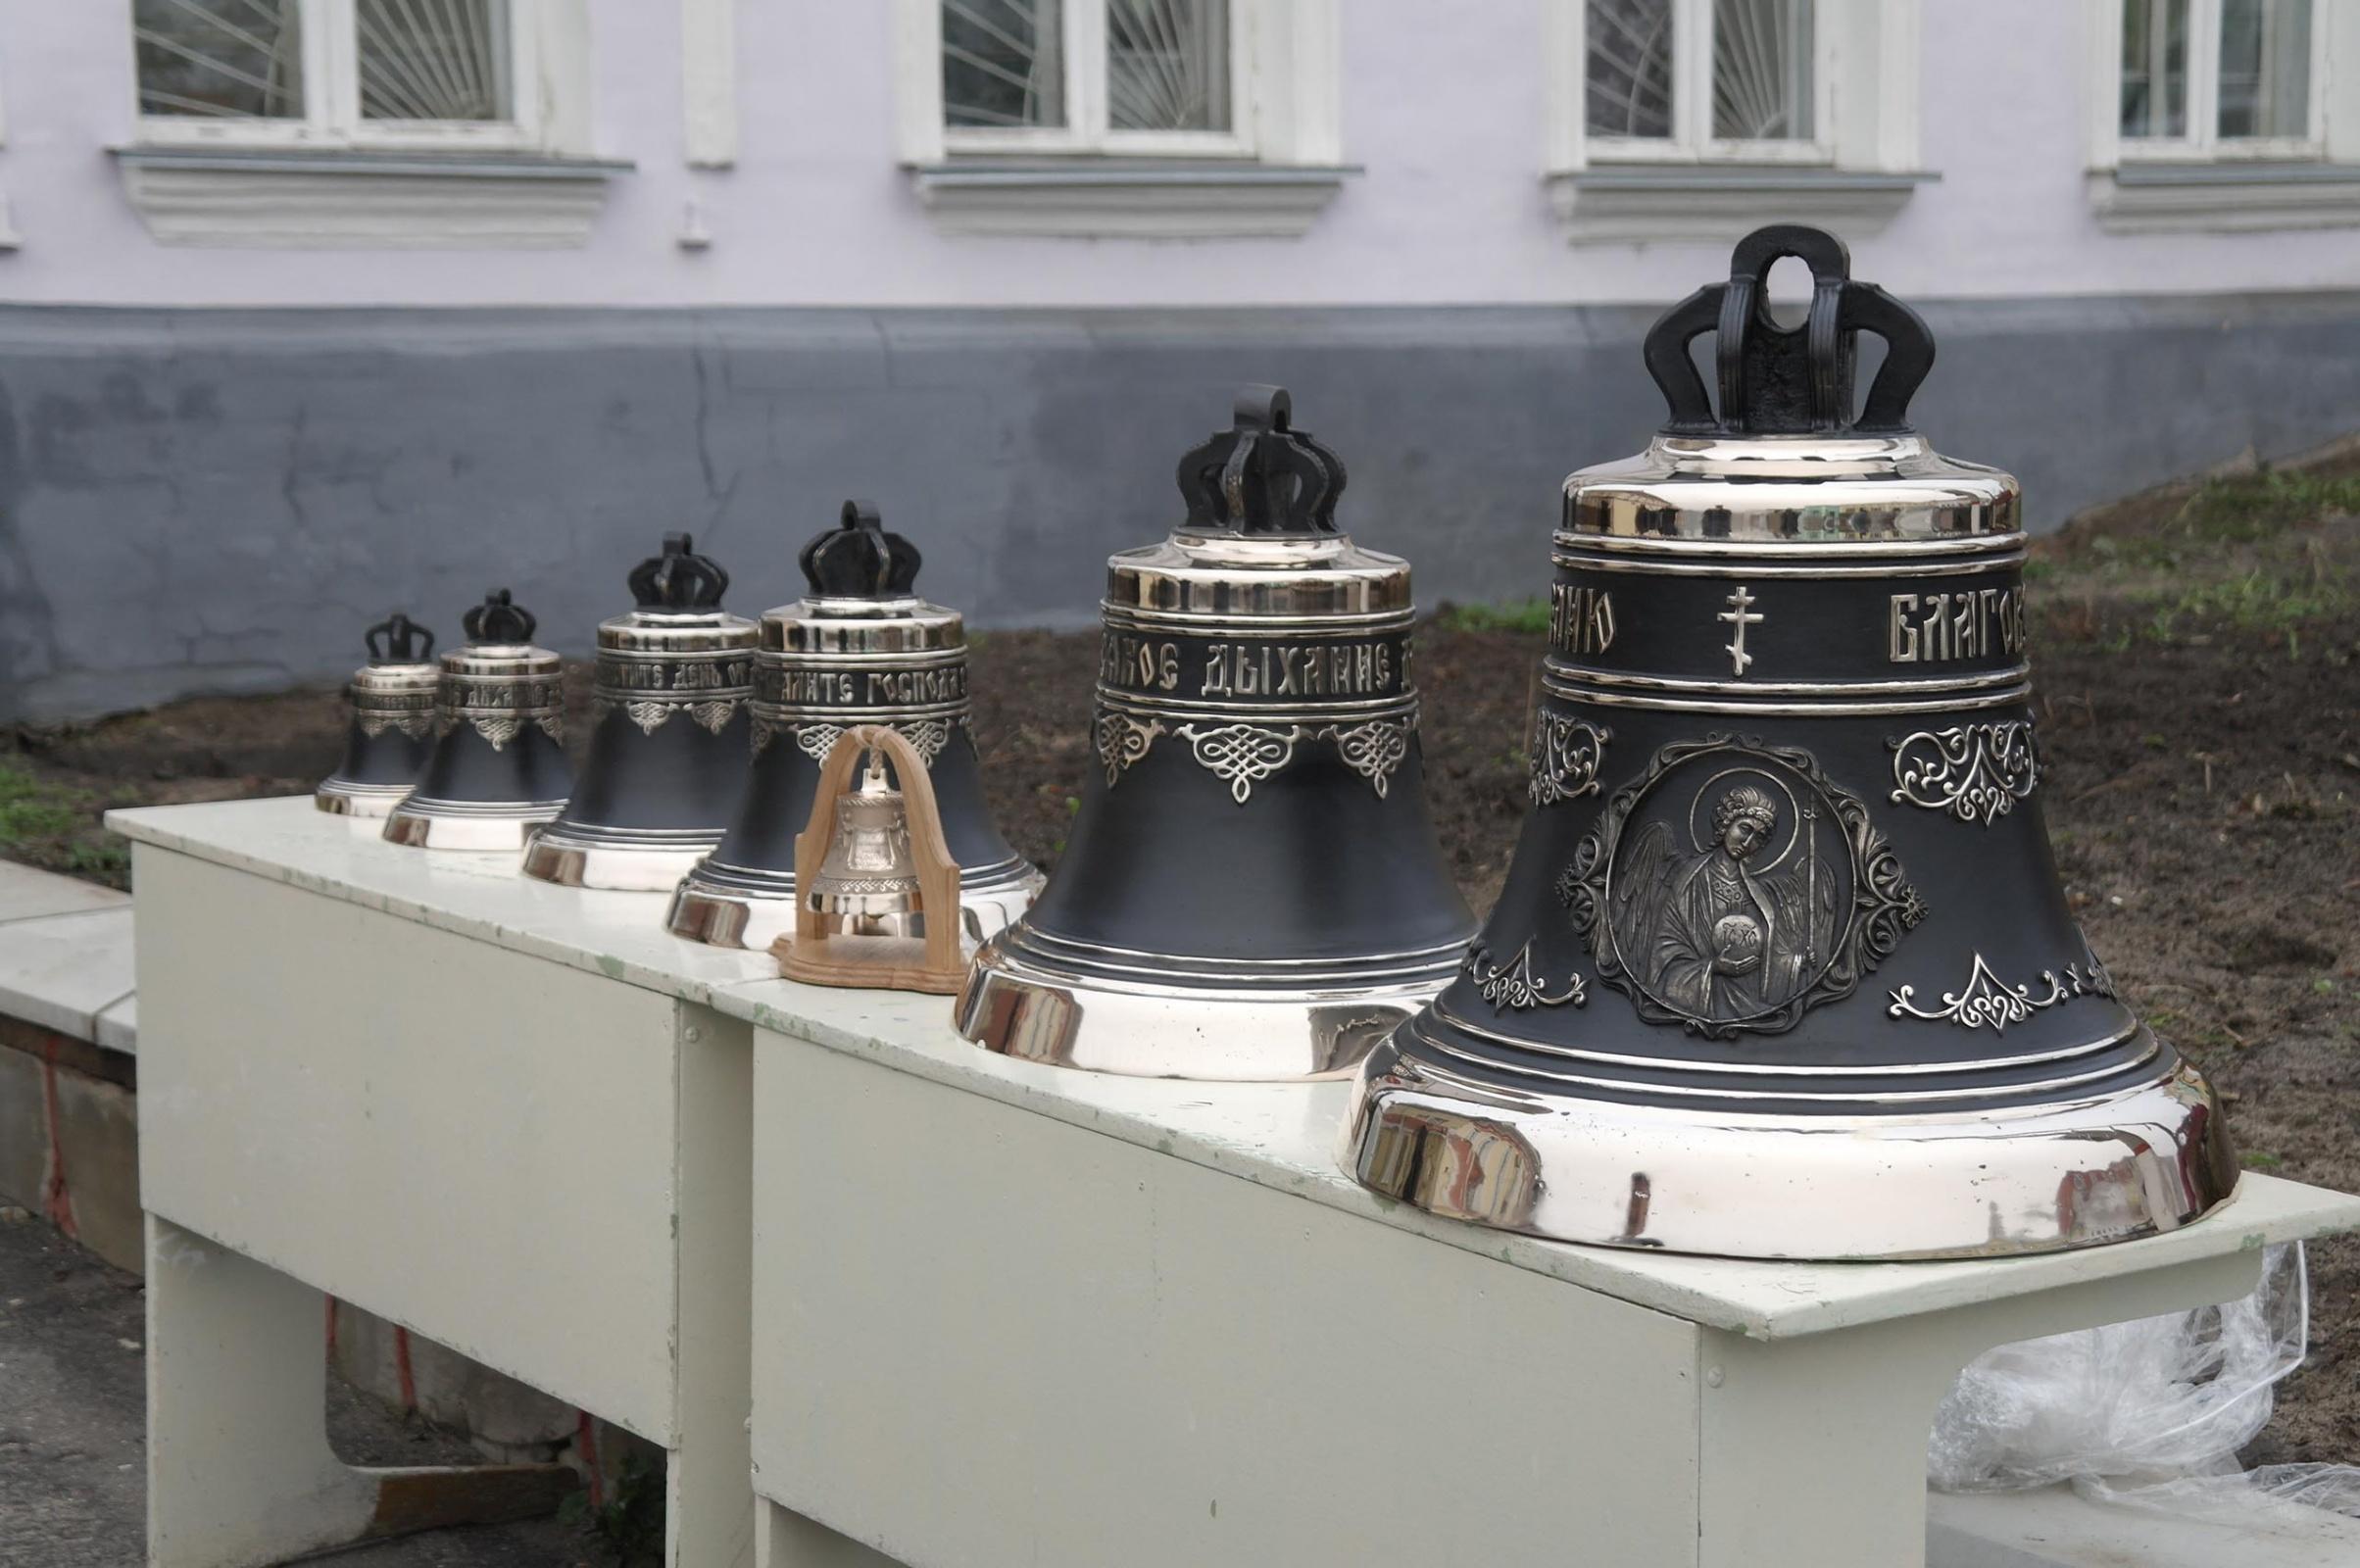 Церковь Всех Святых Колокольня Владимирская область, г. Меленки